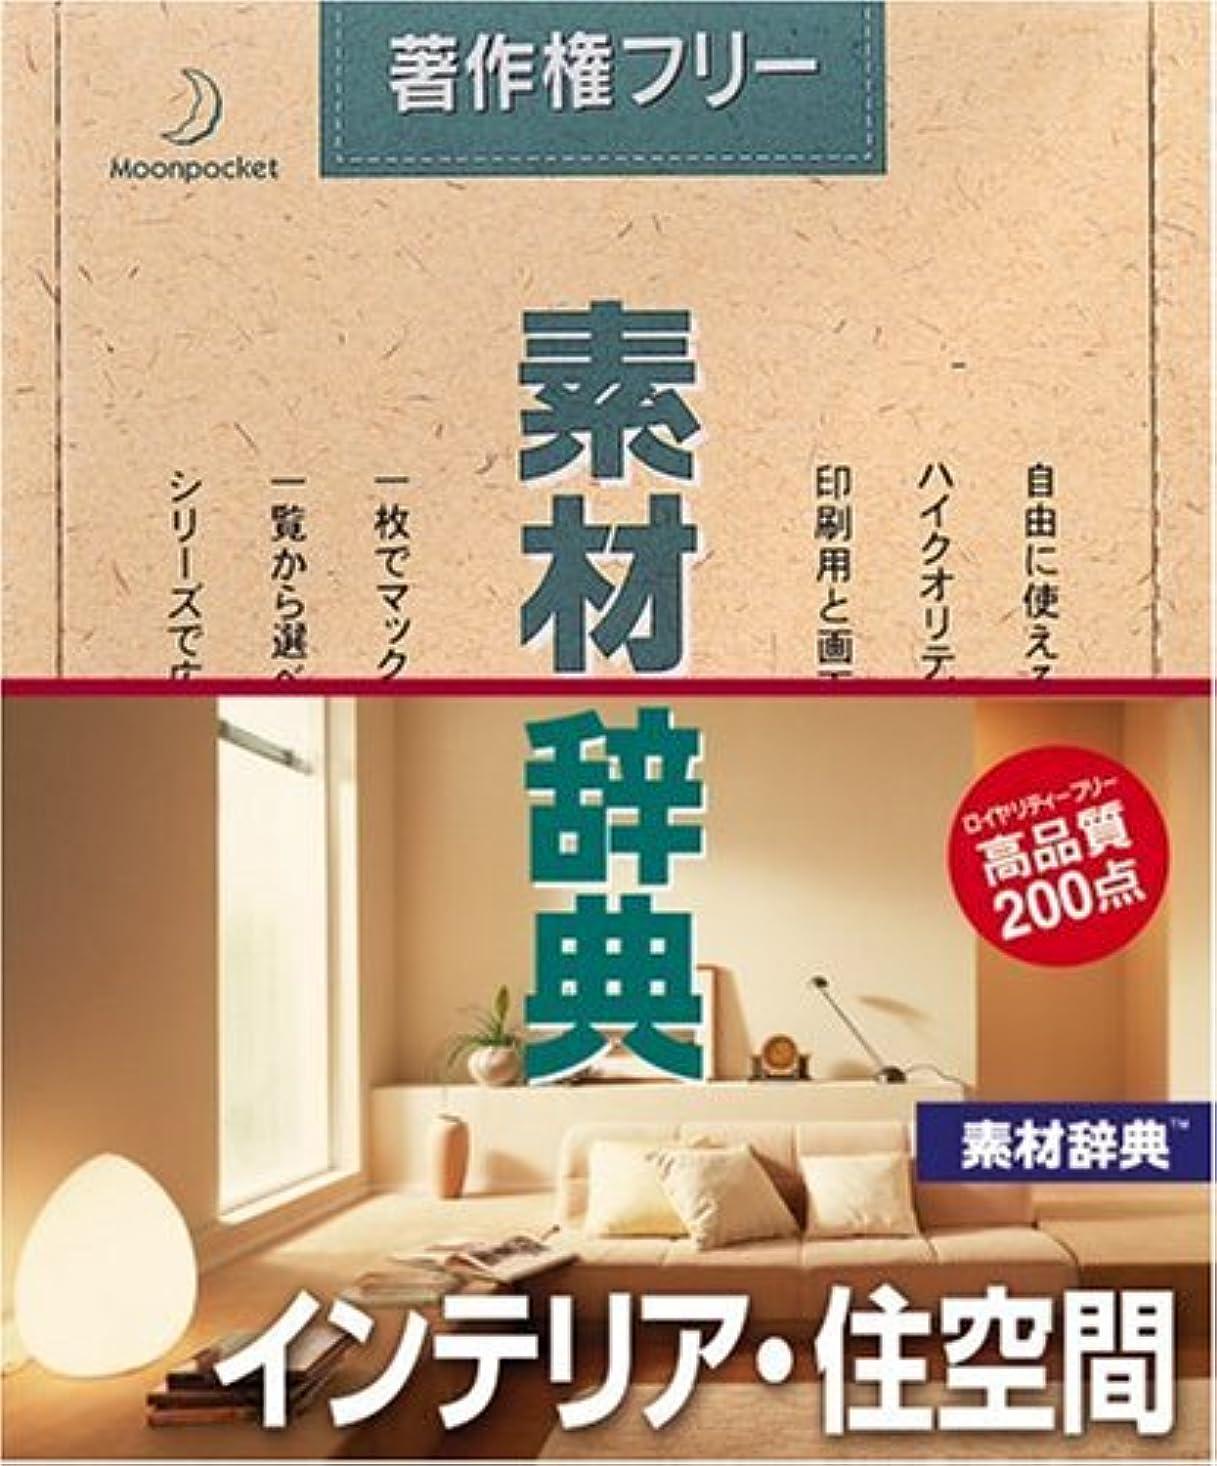 軽食部スカート素材辞典 Vol.42 インテリア?住空間編